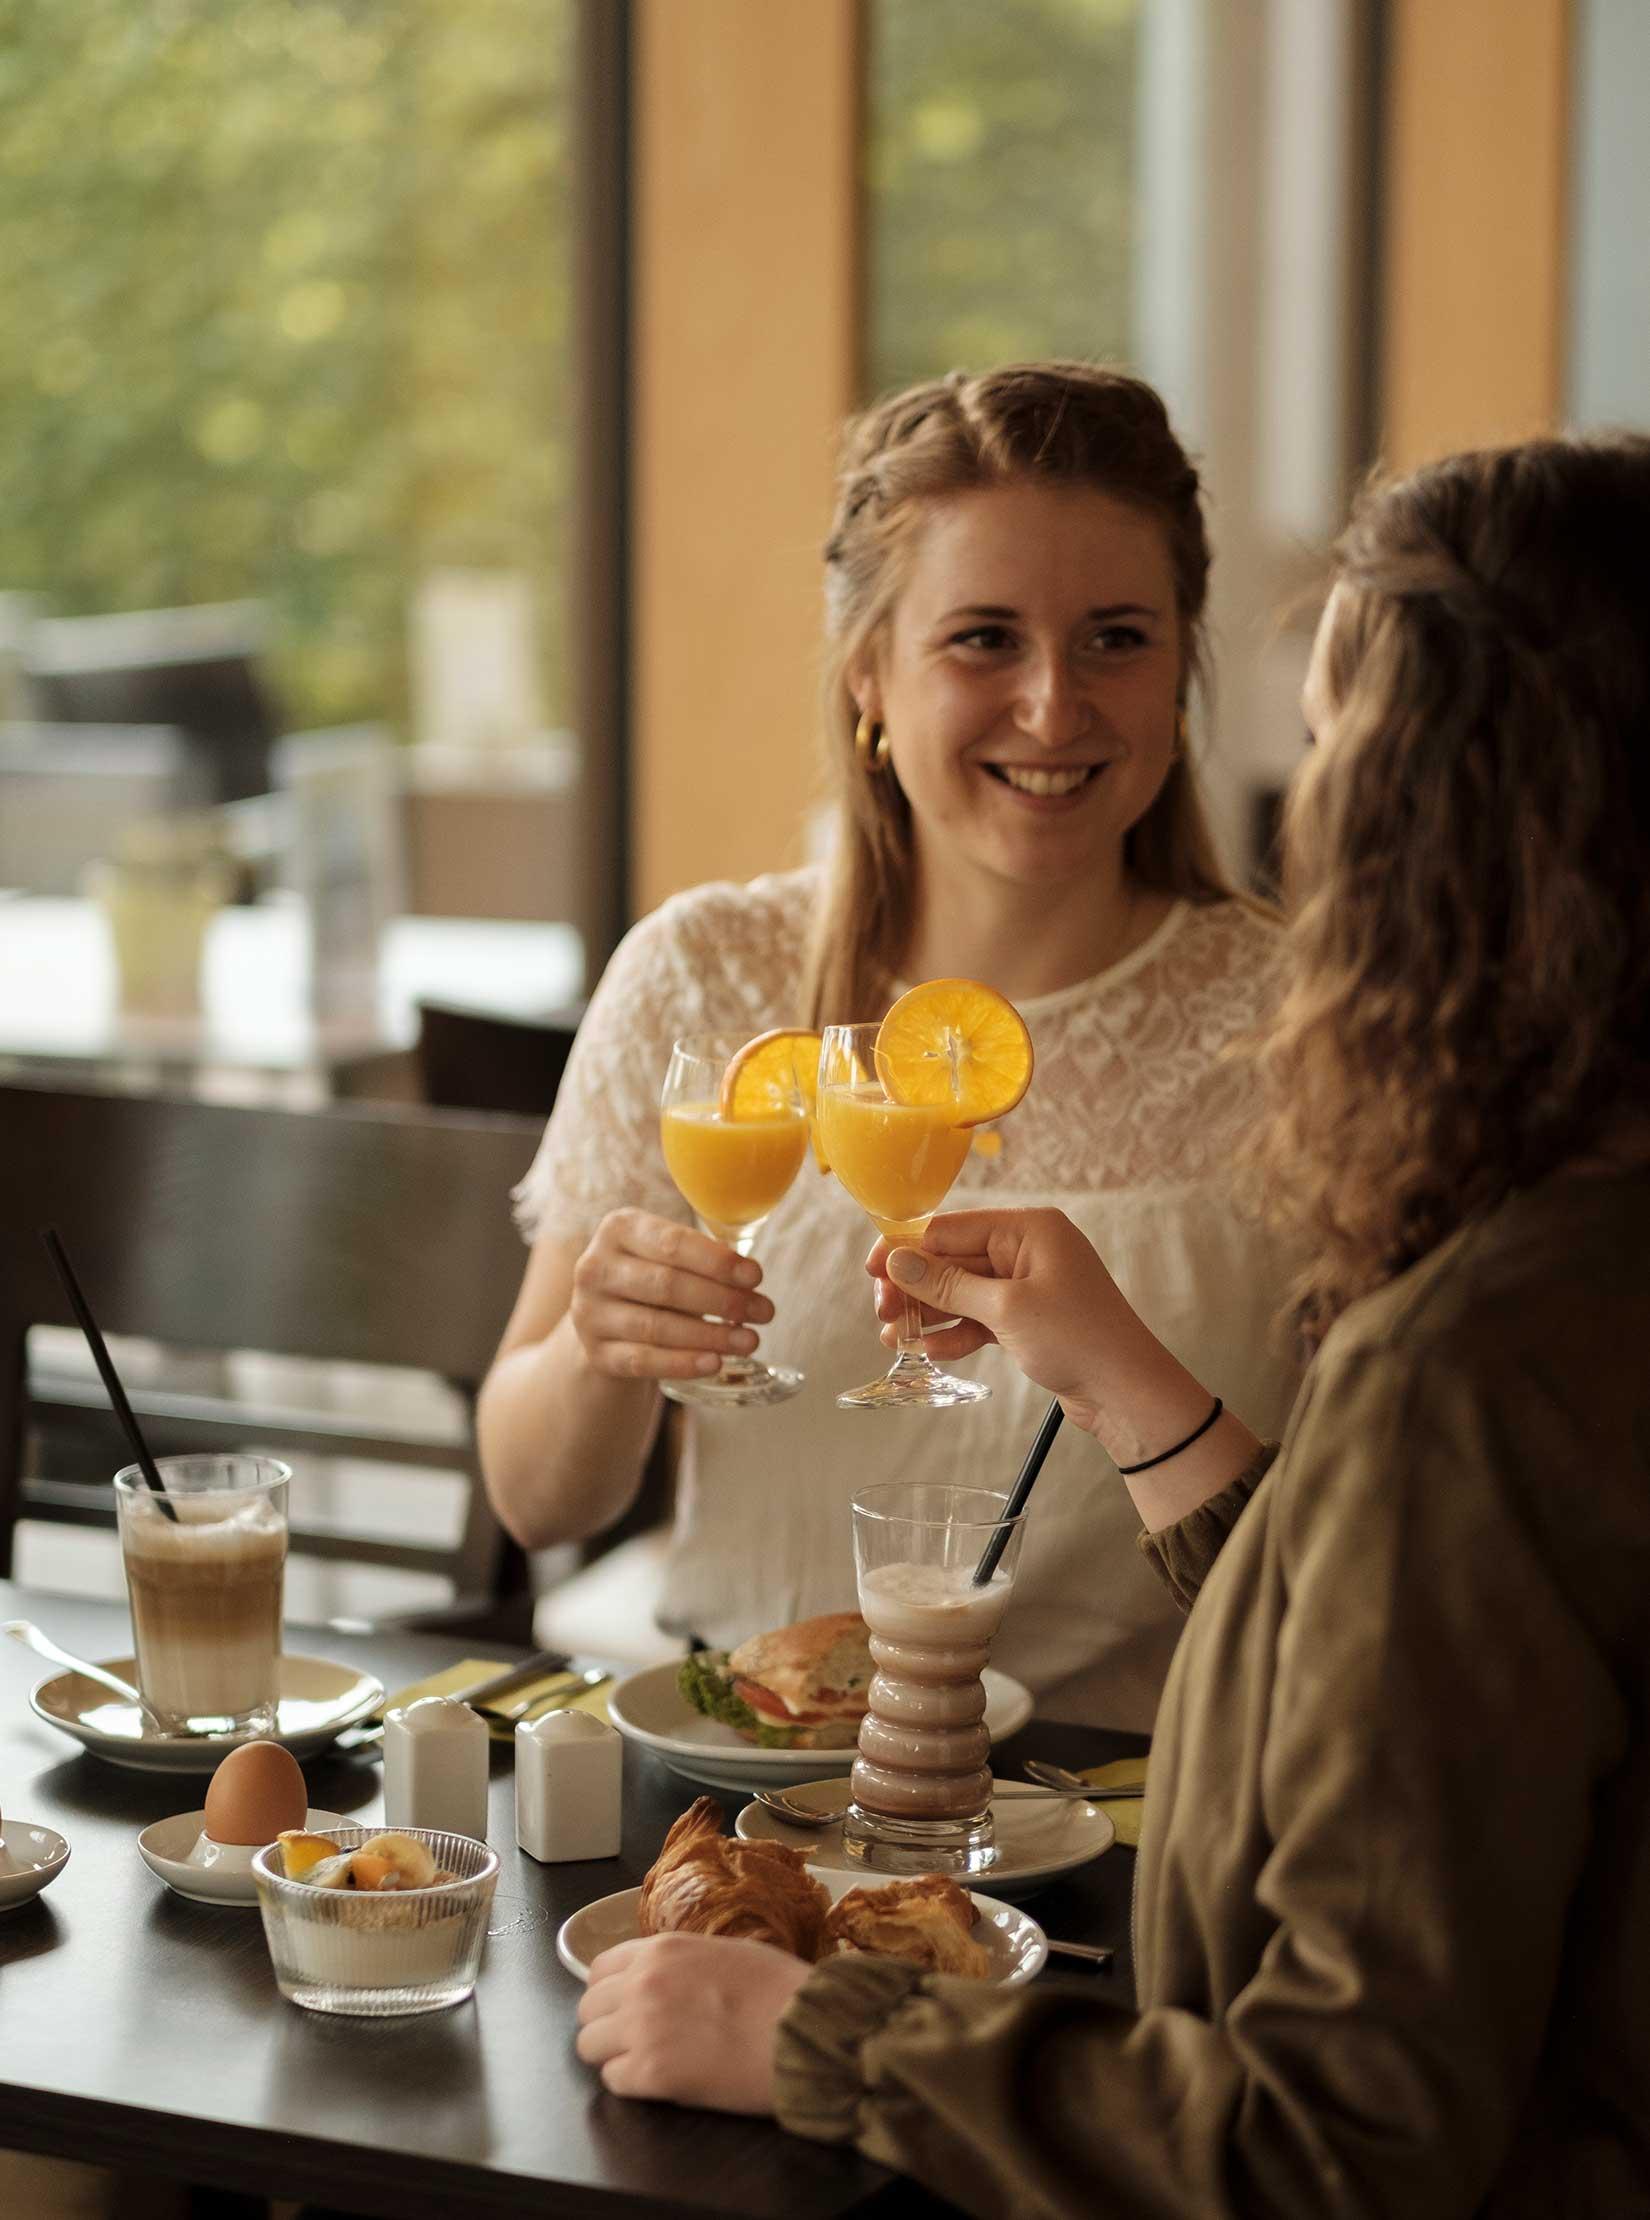 Leckeres Frühstück mit Orangensaft